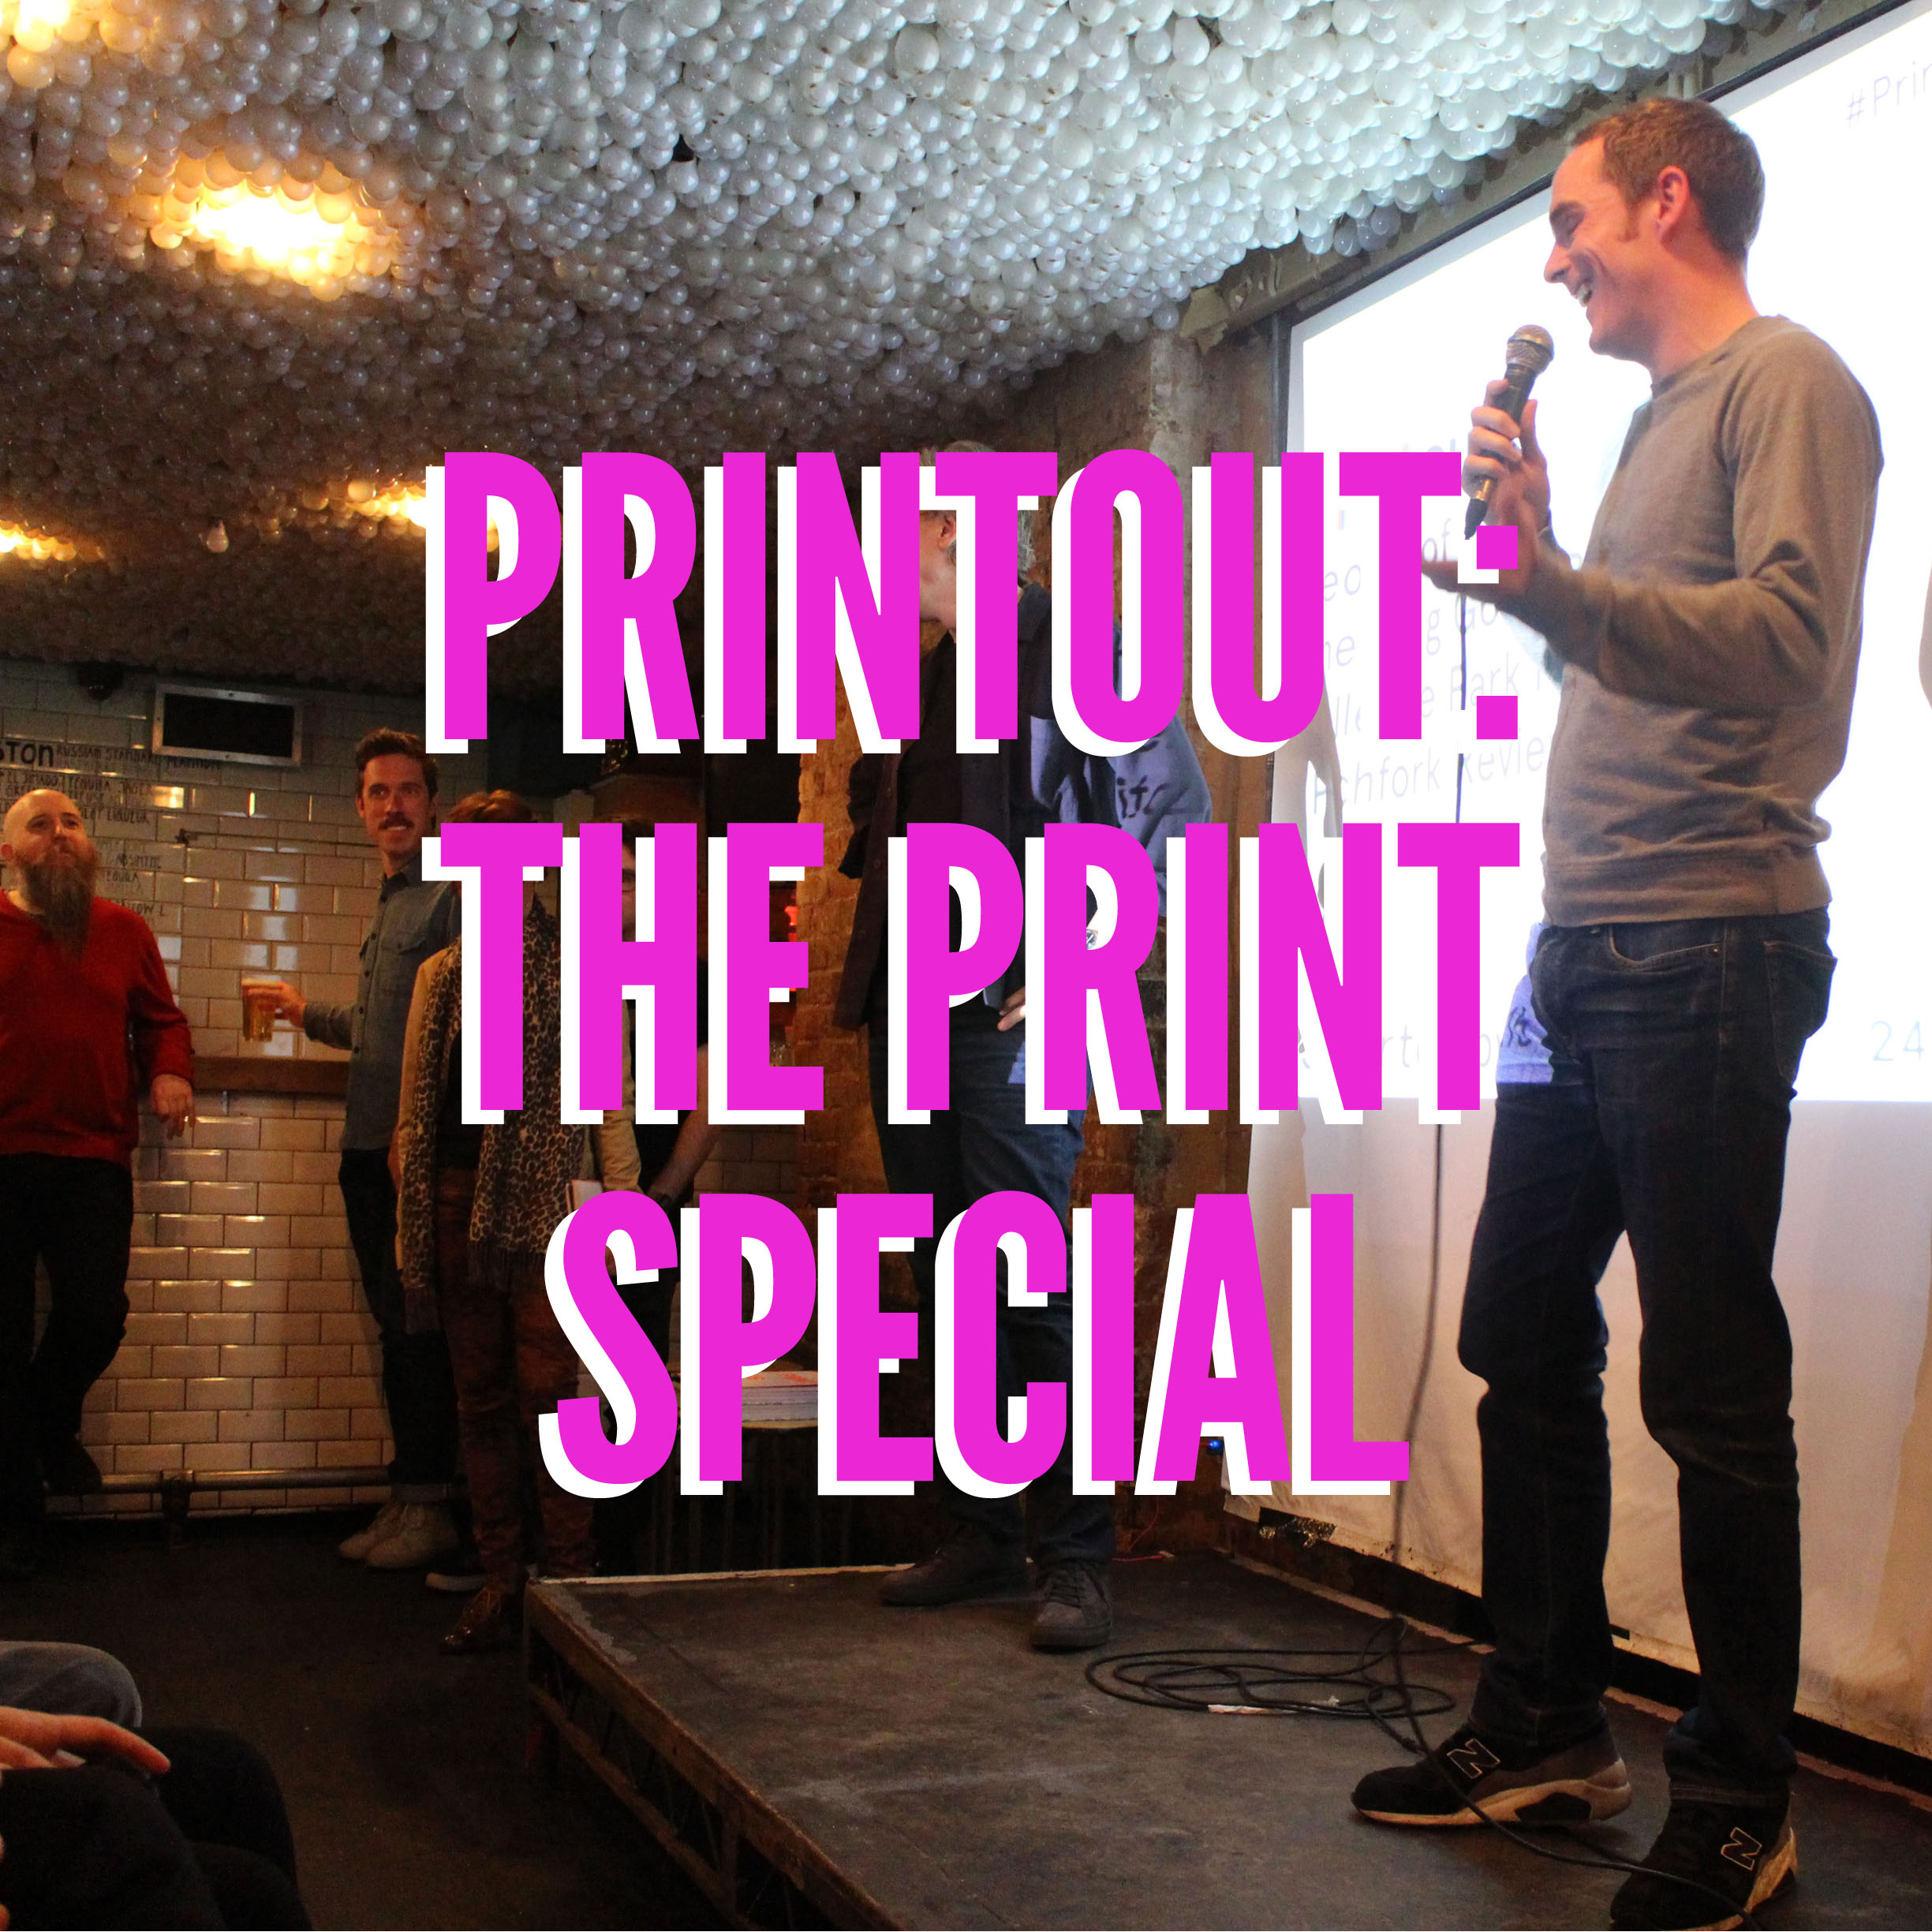 http://graphiquefantastique.com/wp-content/uploads/2015/03/Printout_printspecial.jpg